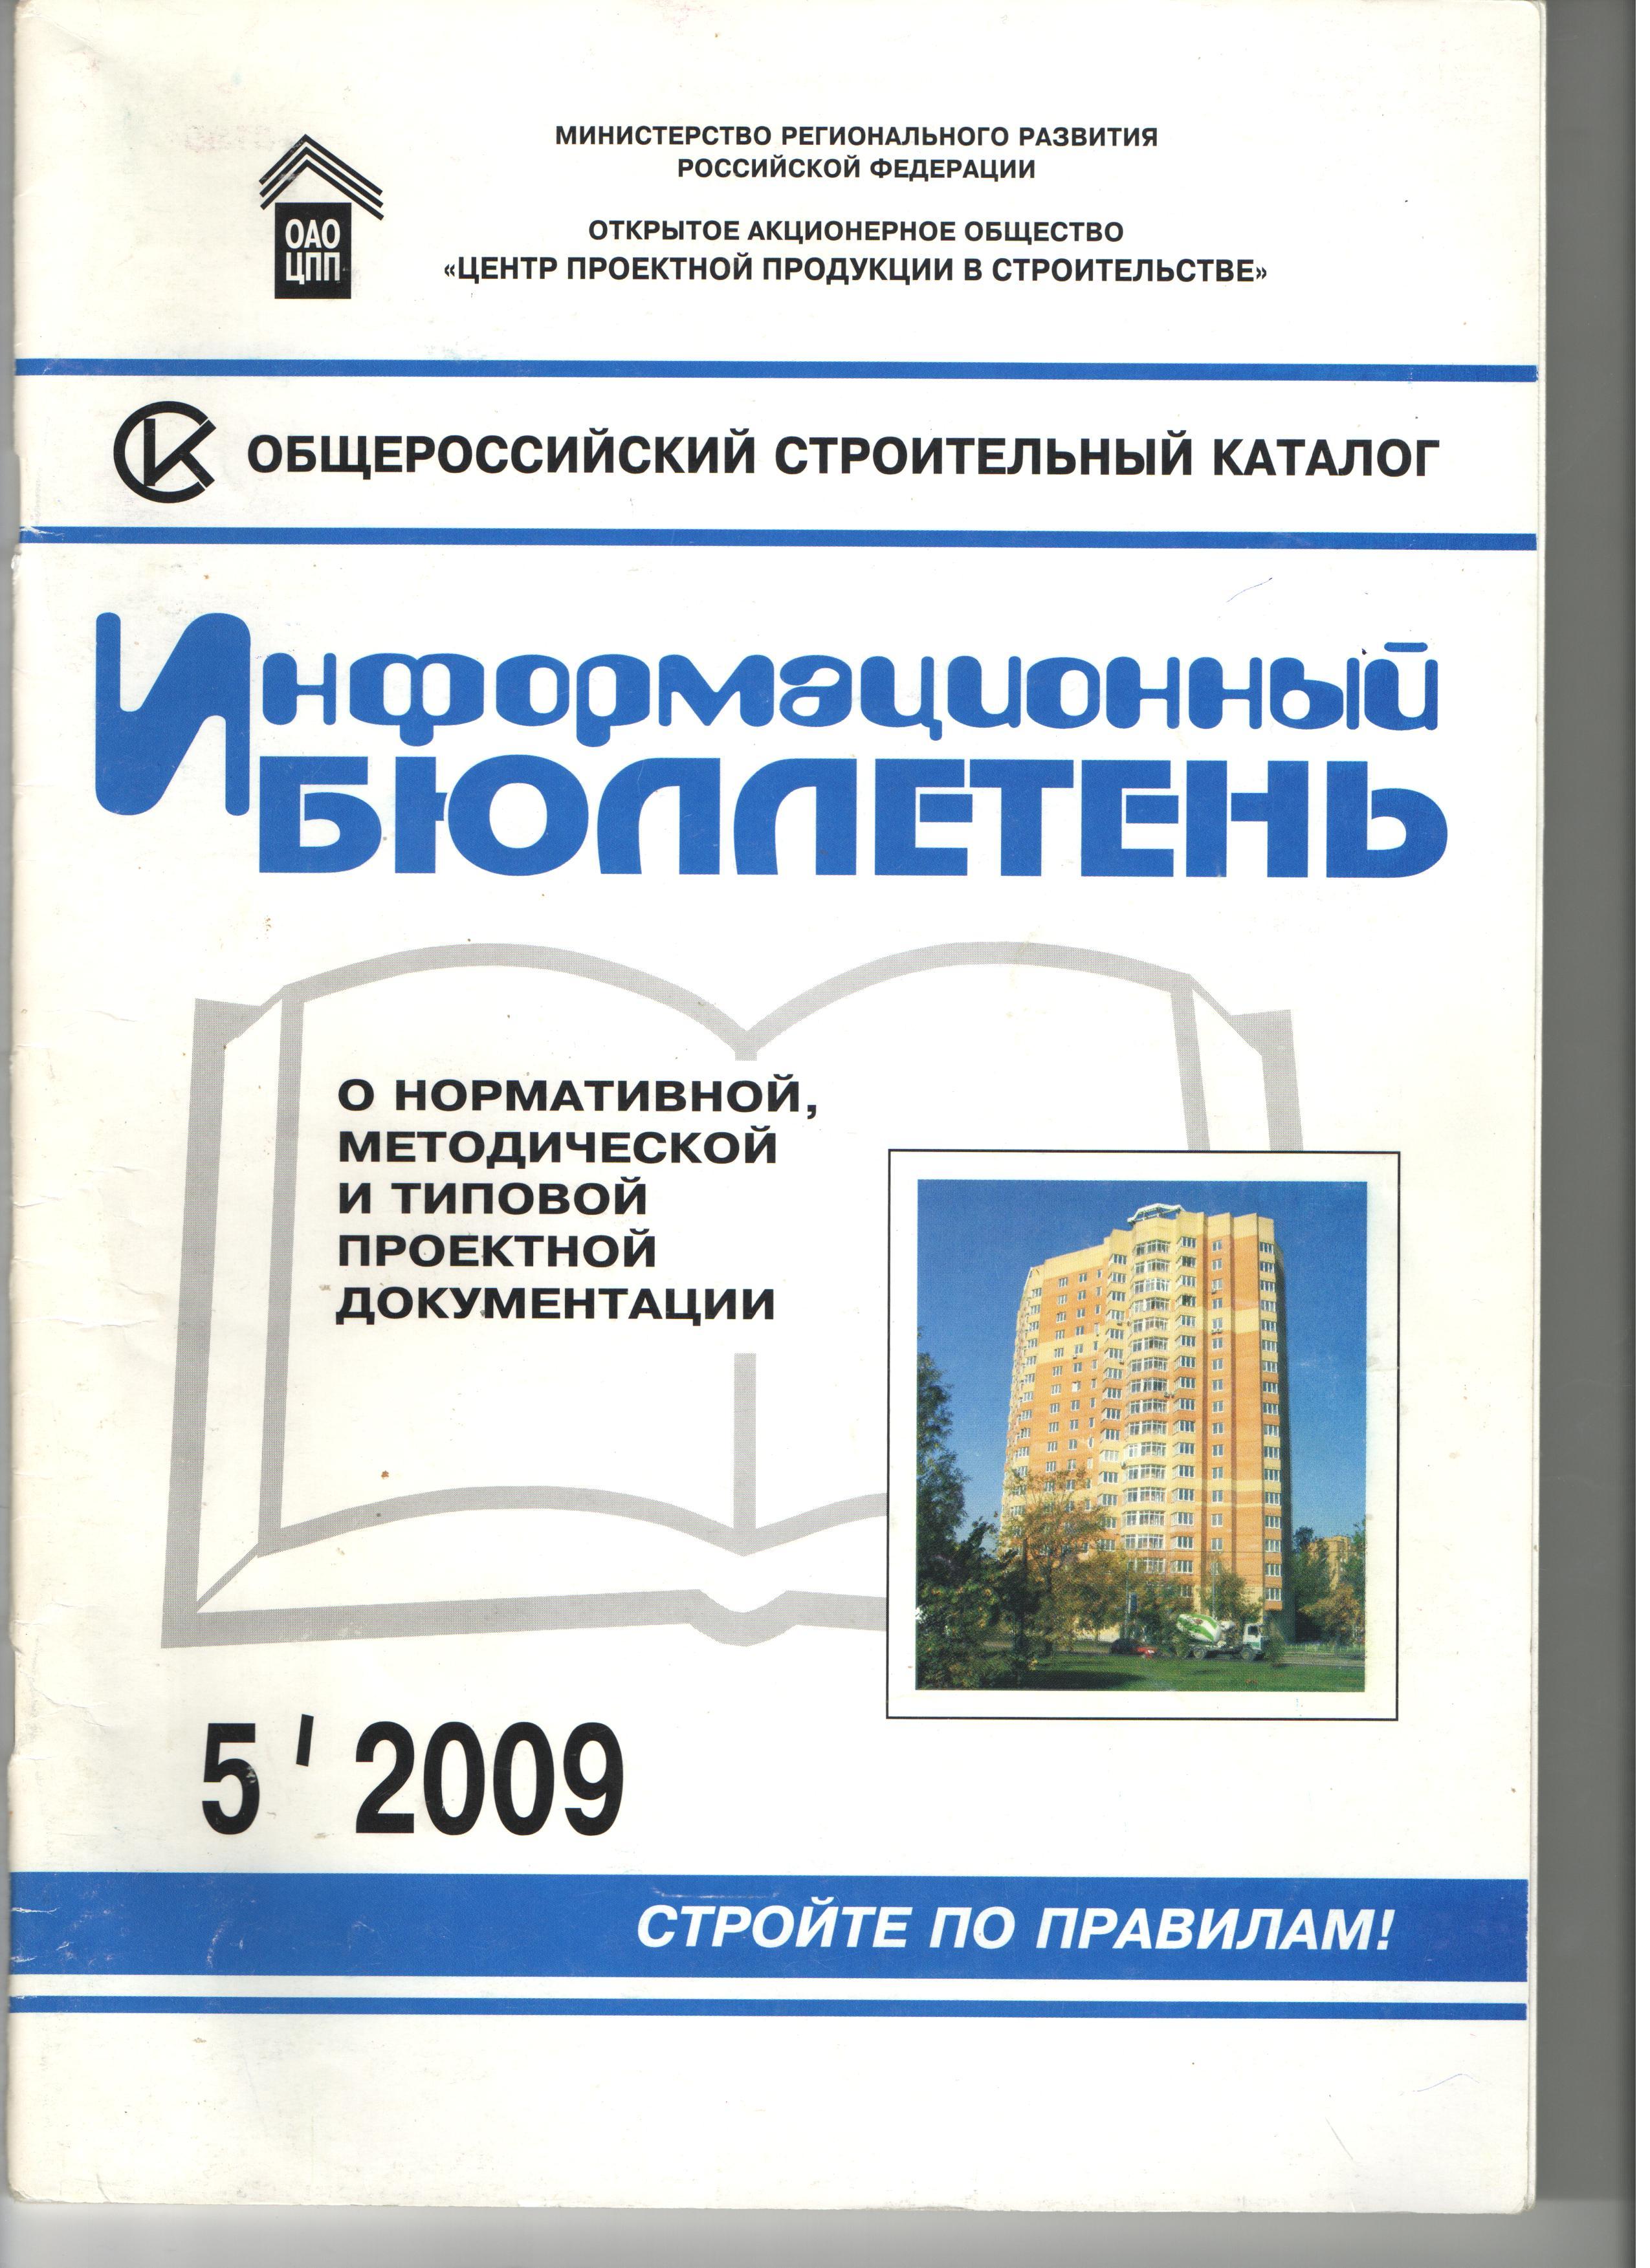 Книги Гринева Валерия Павловича о новых положениях федерального законодательства о градостроительной деятельности (6 книг)